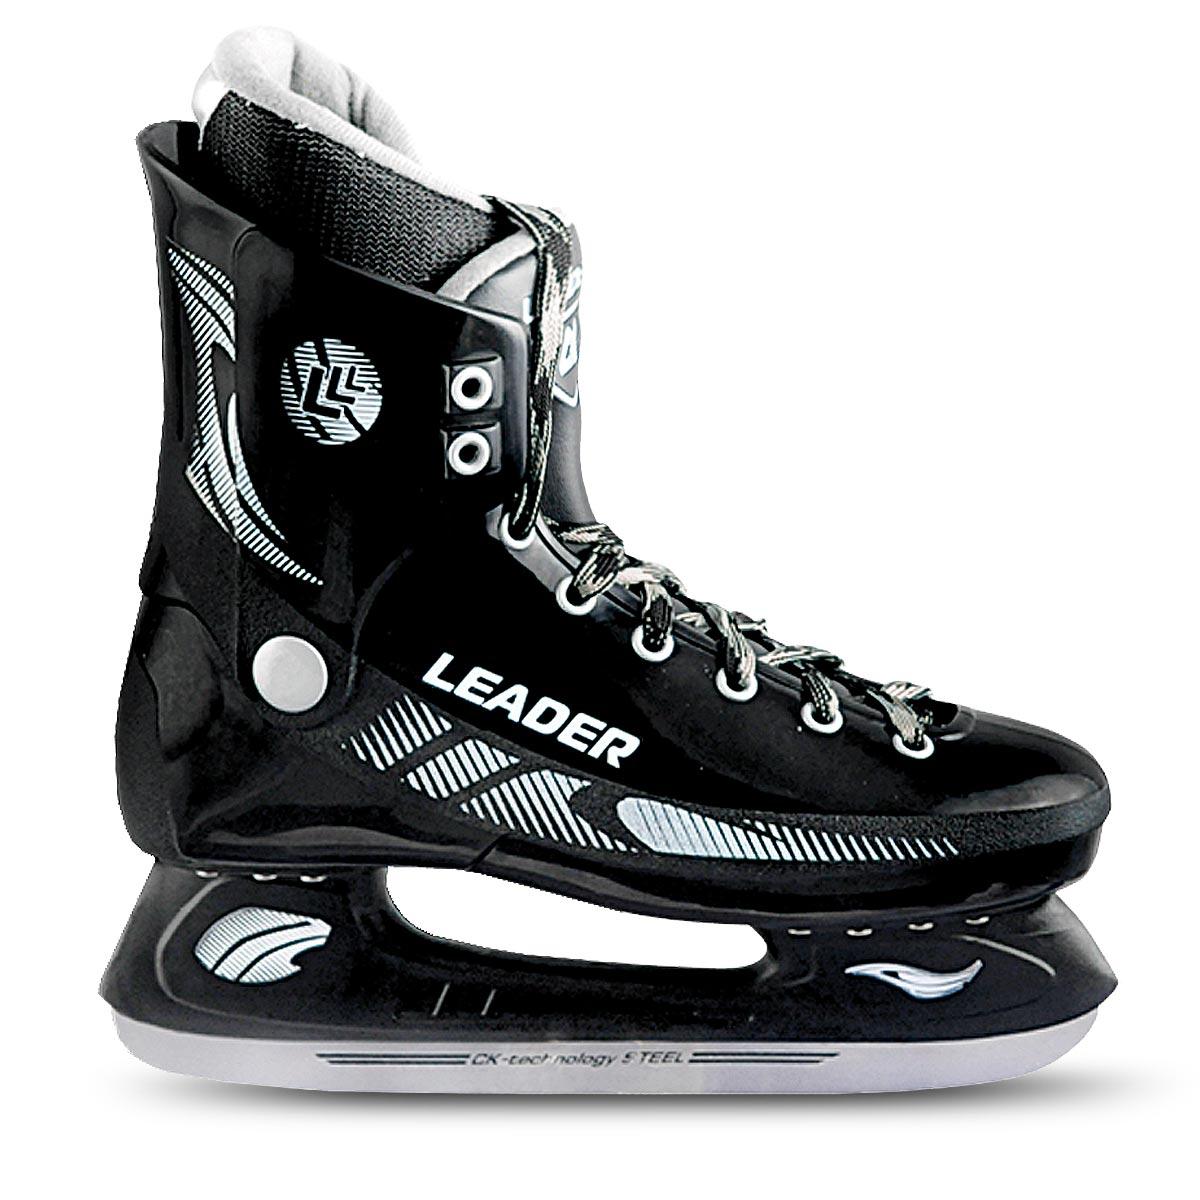 Коньки хоккейные мужские CK Leader, цвет: черный. Размер 42 LEADER_черный_42